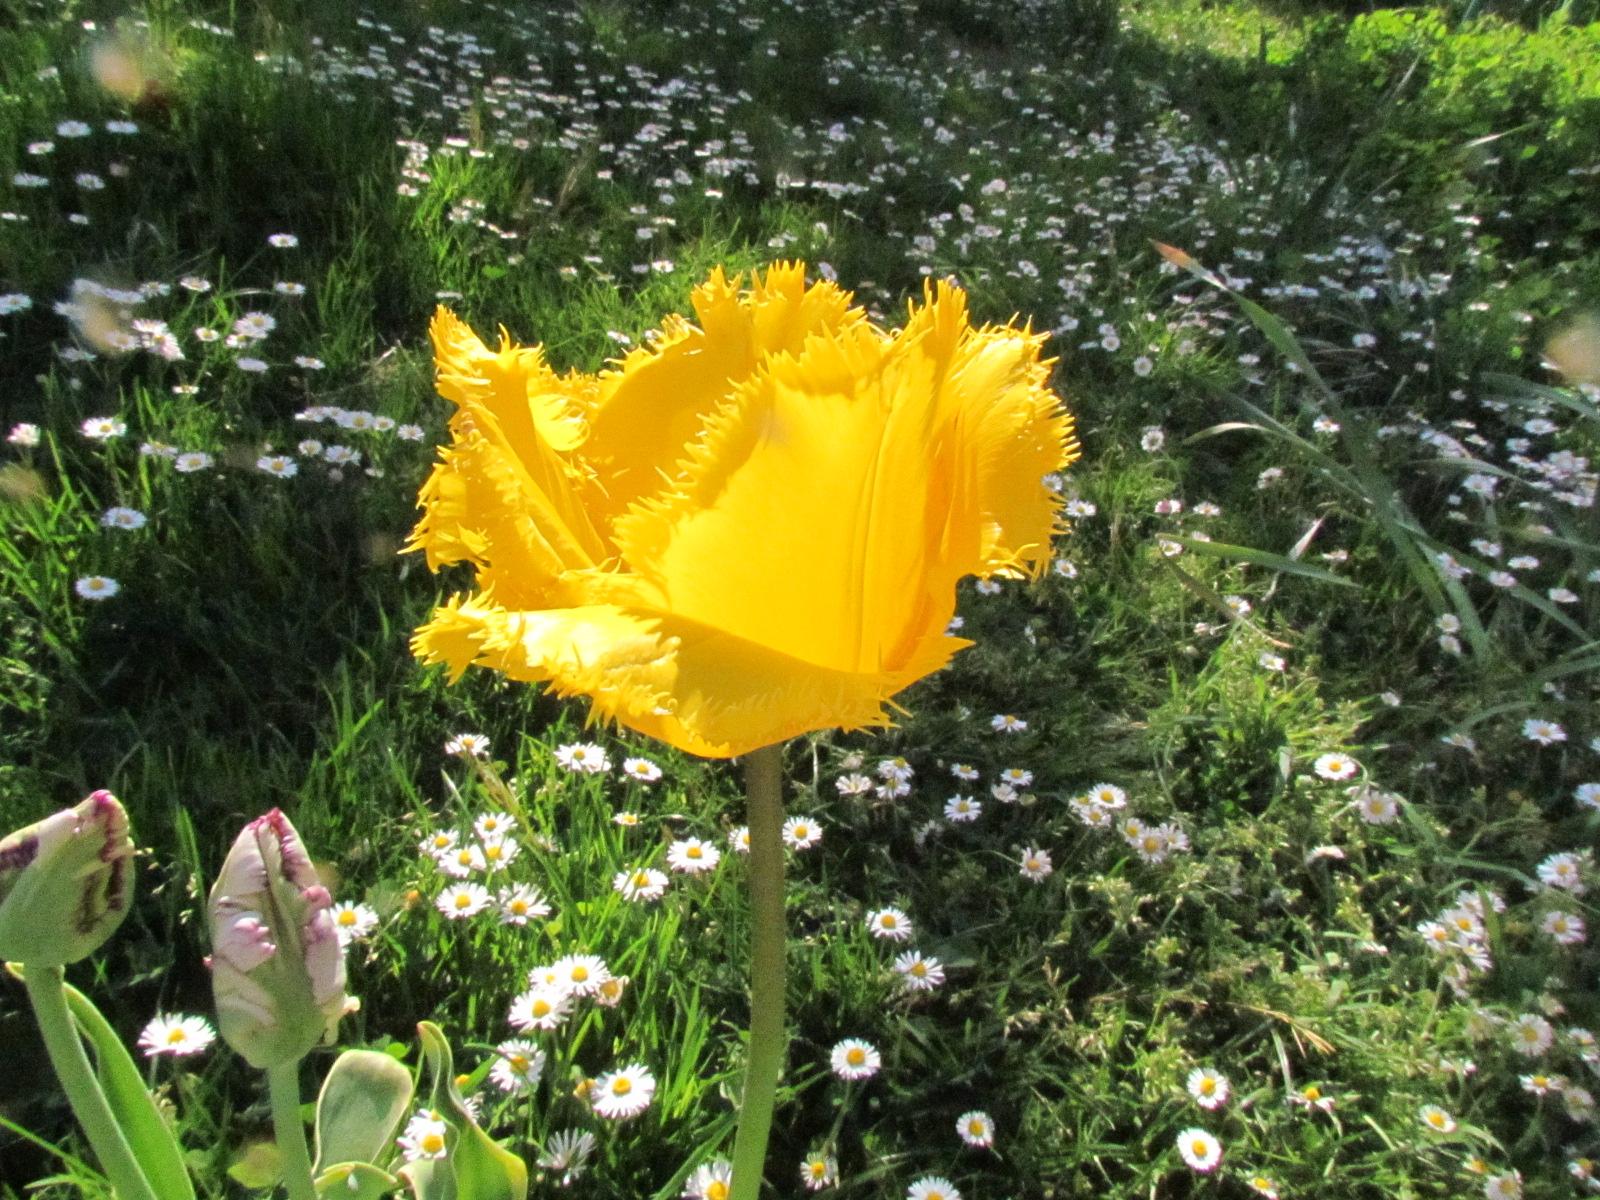 mon jardinet 2018 Img_0072